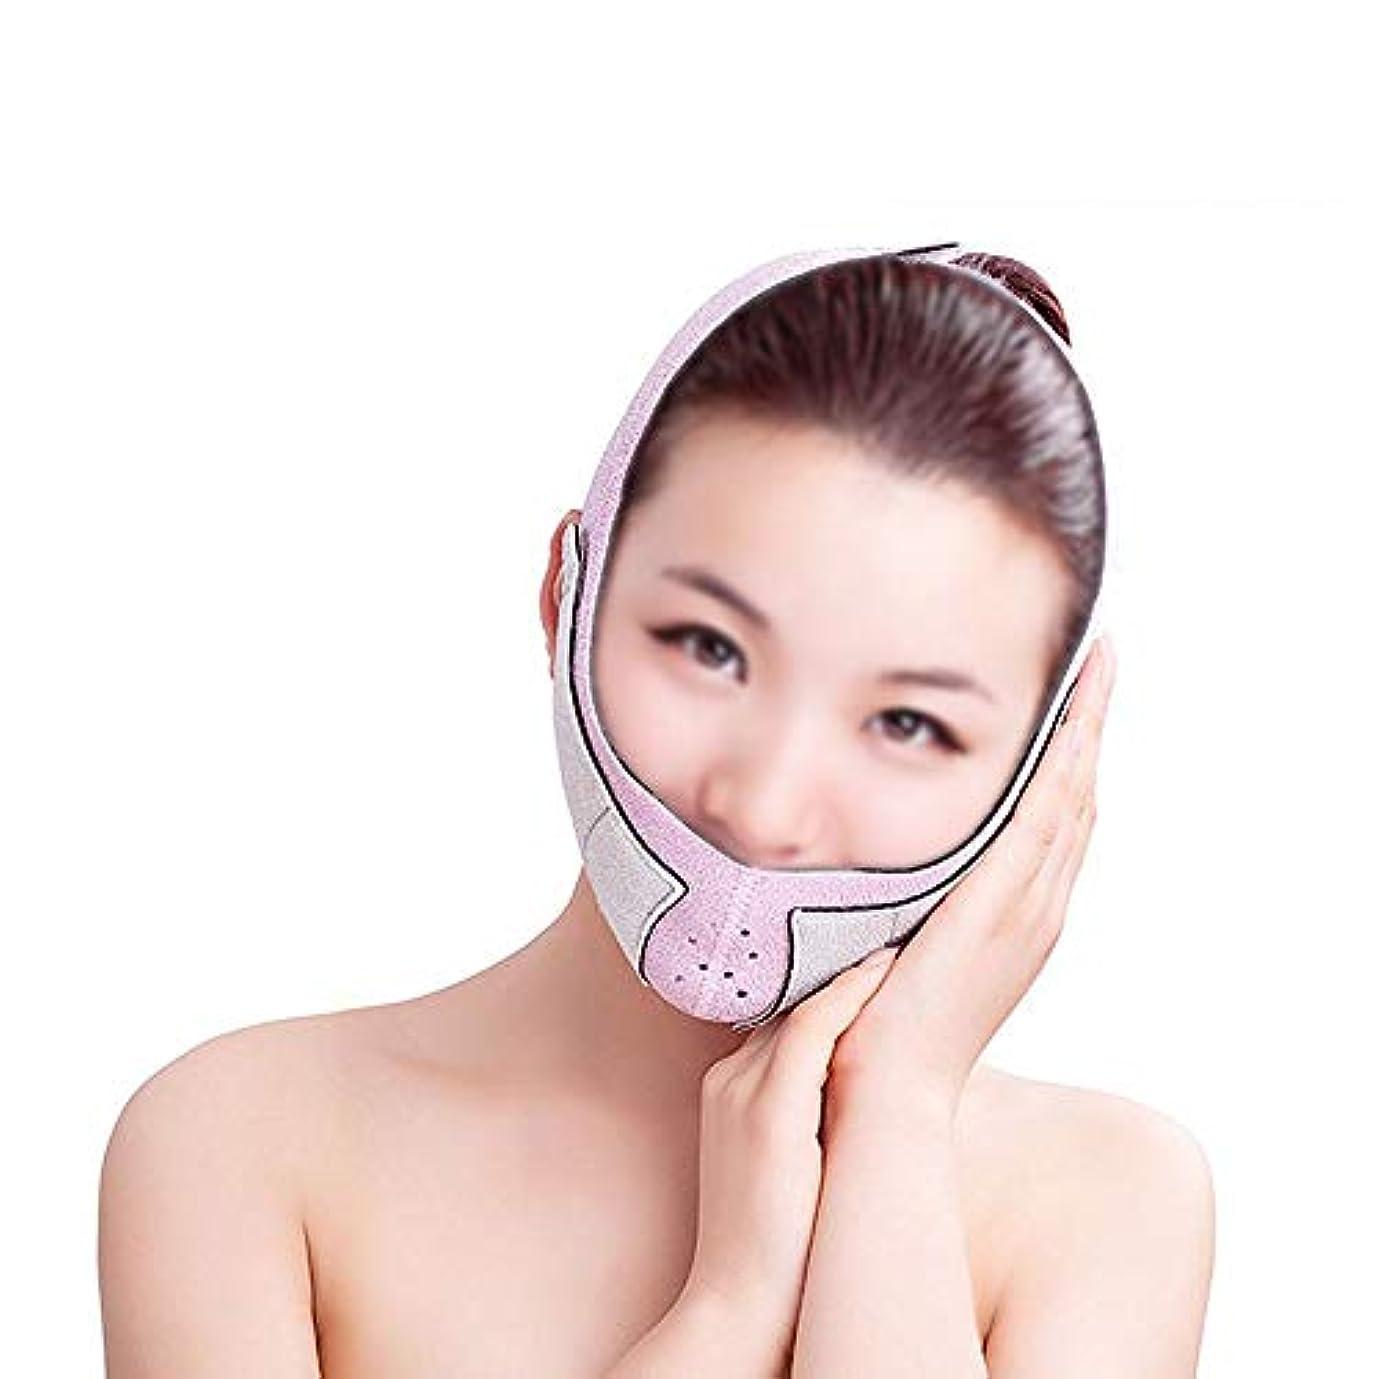 パリティ有効化トロピカルXHLMRMJ フェイスリフトマスク、痩身ベルト薄いフェイスマスク強力な持ち上げ小さなV顔薄い顔包帯美容フェイスリフティングデバイス